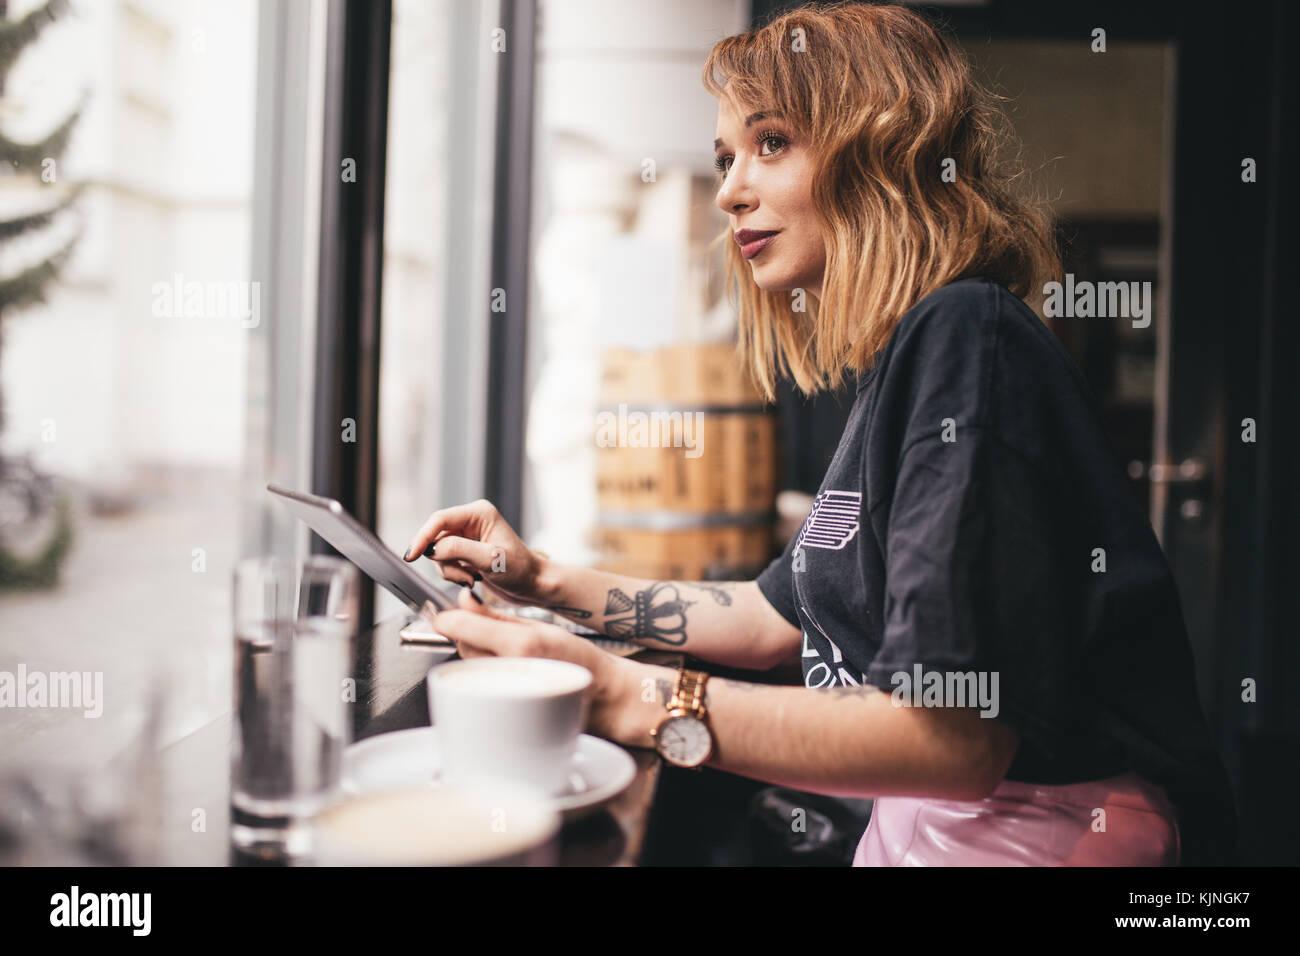 Pretty girl smiling et regardant par la fenêtre d'un bar Photo Stock